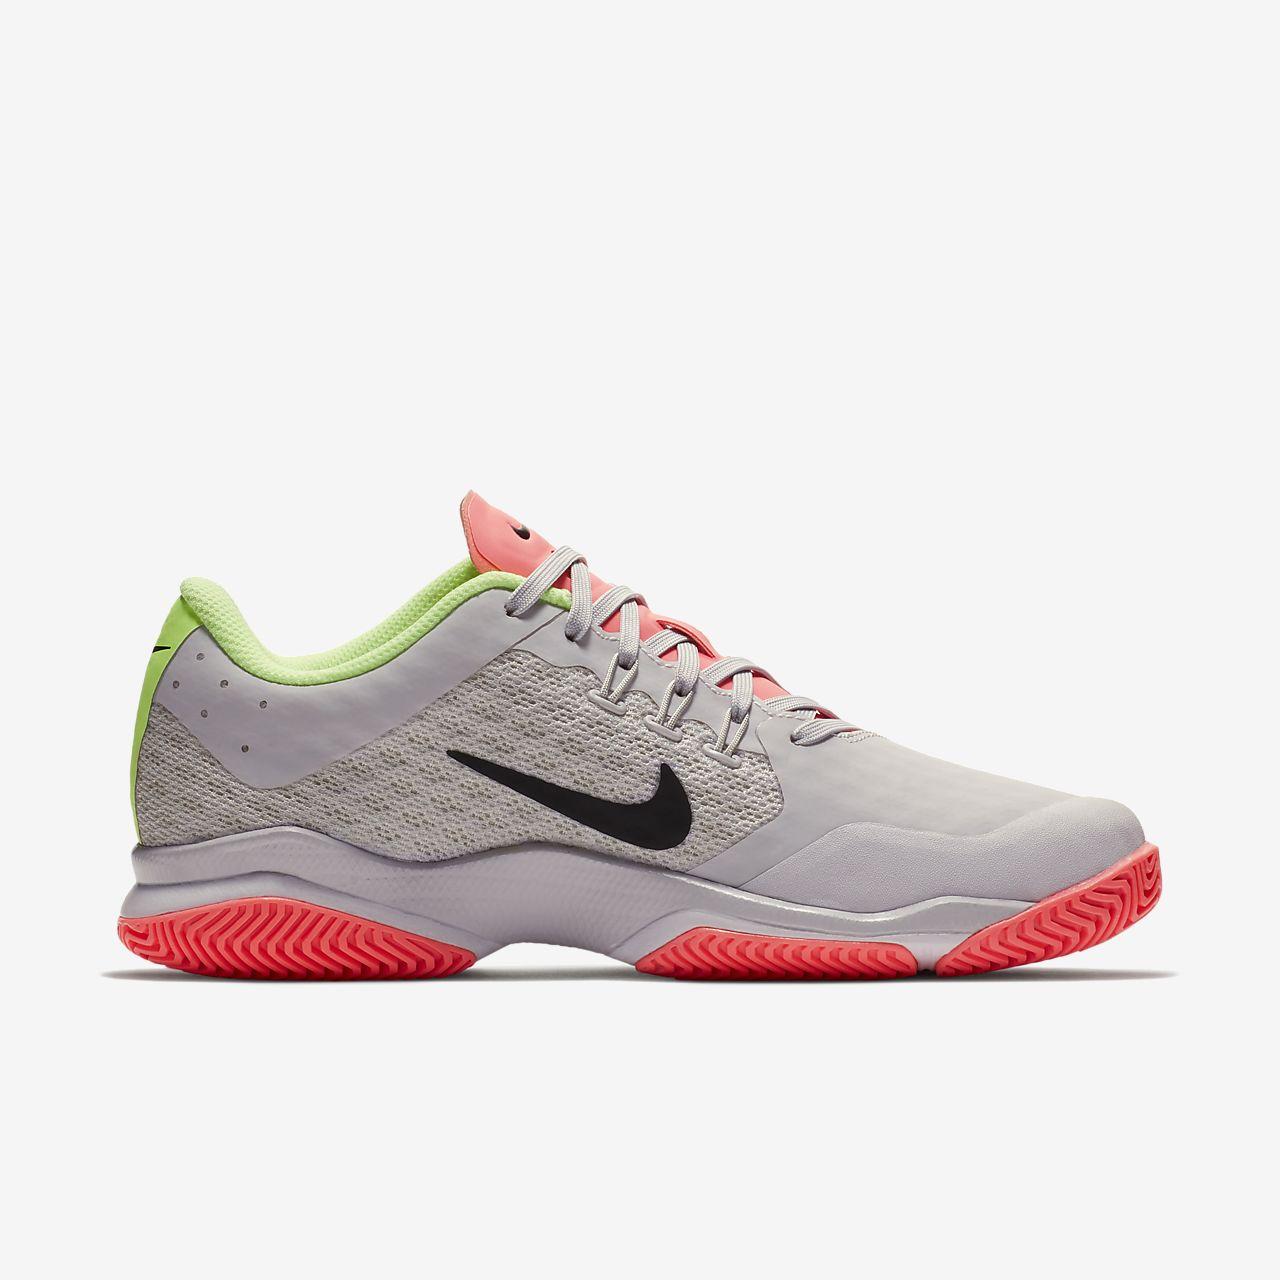 Nike WMNS Air Zoom Ultra Cly Chaussures de Tennis Femme Verde Verde